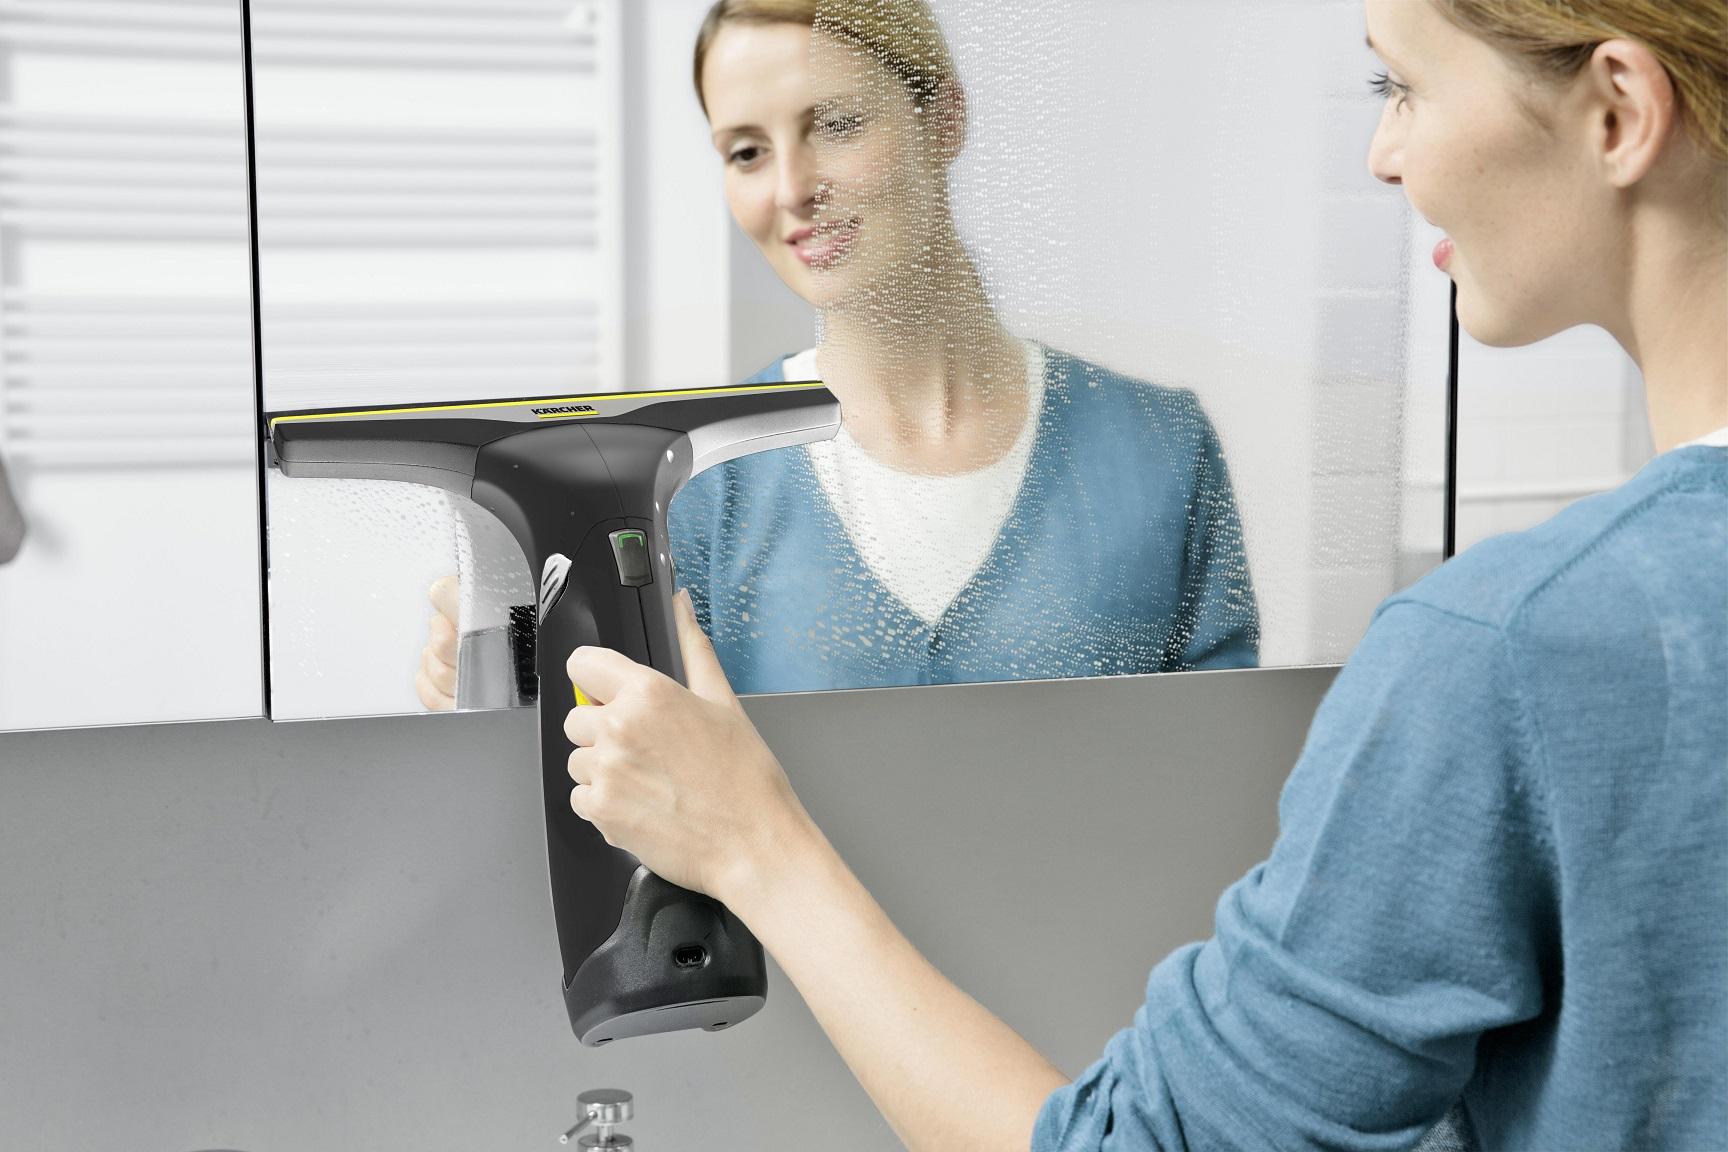 Vyhrajte 3x aku stěrku na okna WV2 Premium od Kärcher - Bety.cz ... 7b75e9e2fd